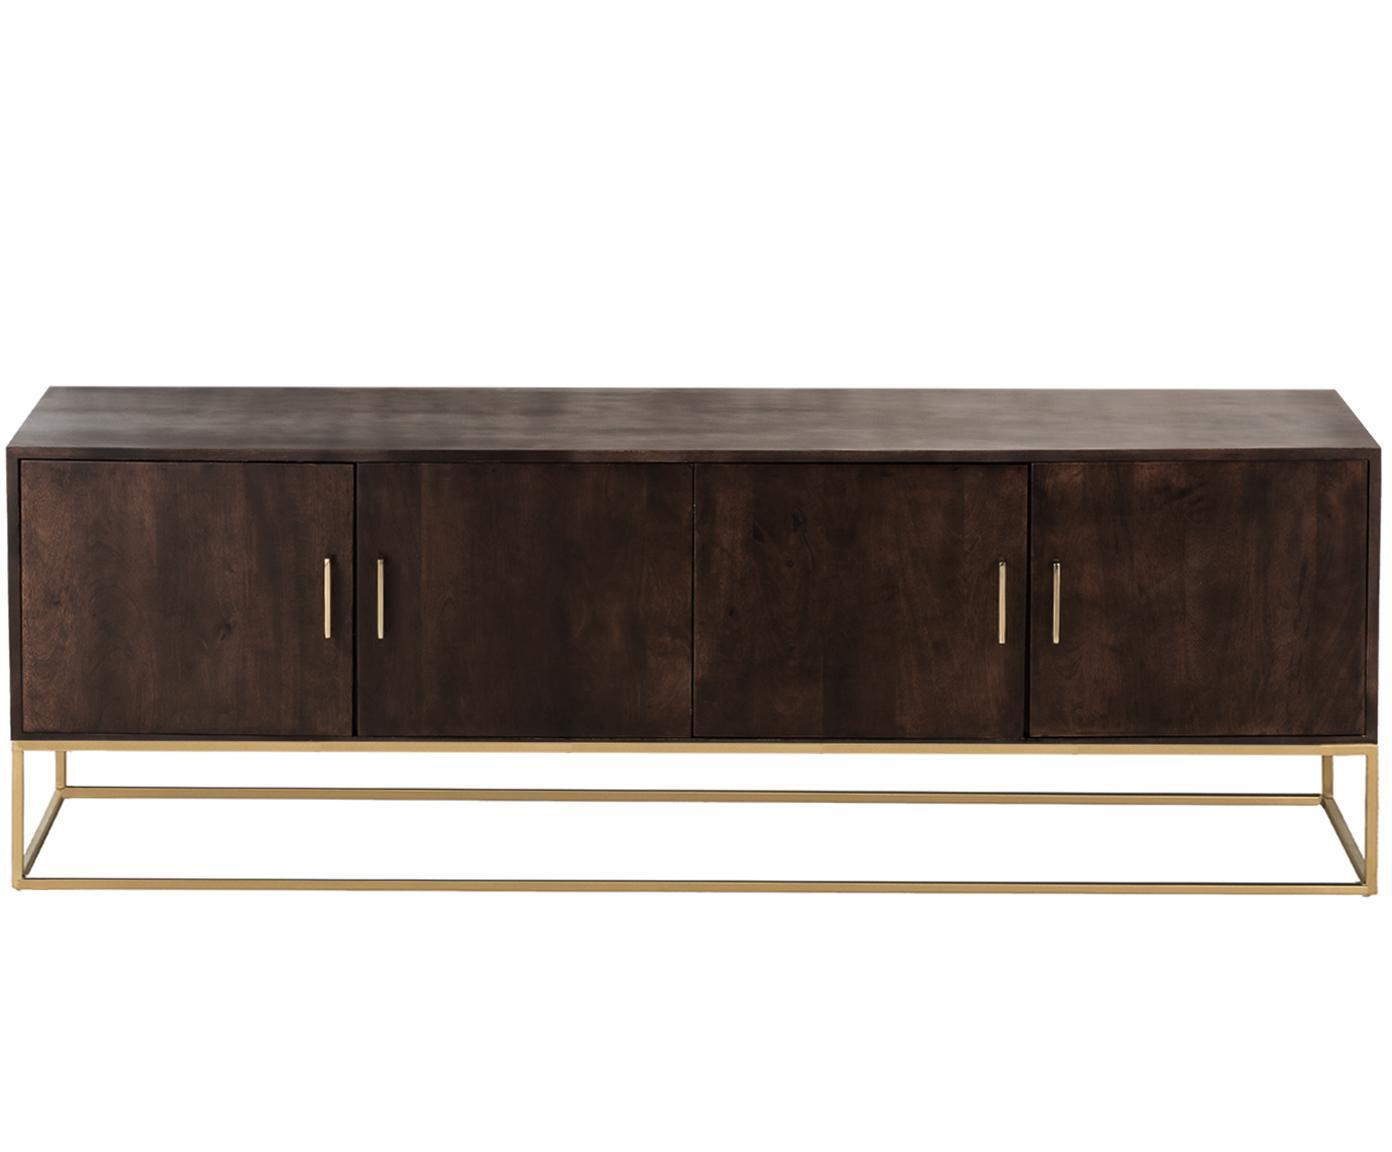 Tv-meubel Lyle met deuren van massief hout, Mangohout, donker gelakt, 180 x 60 cm